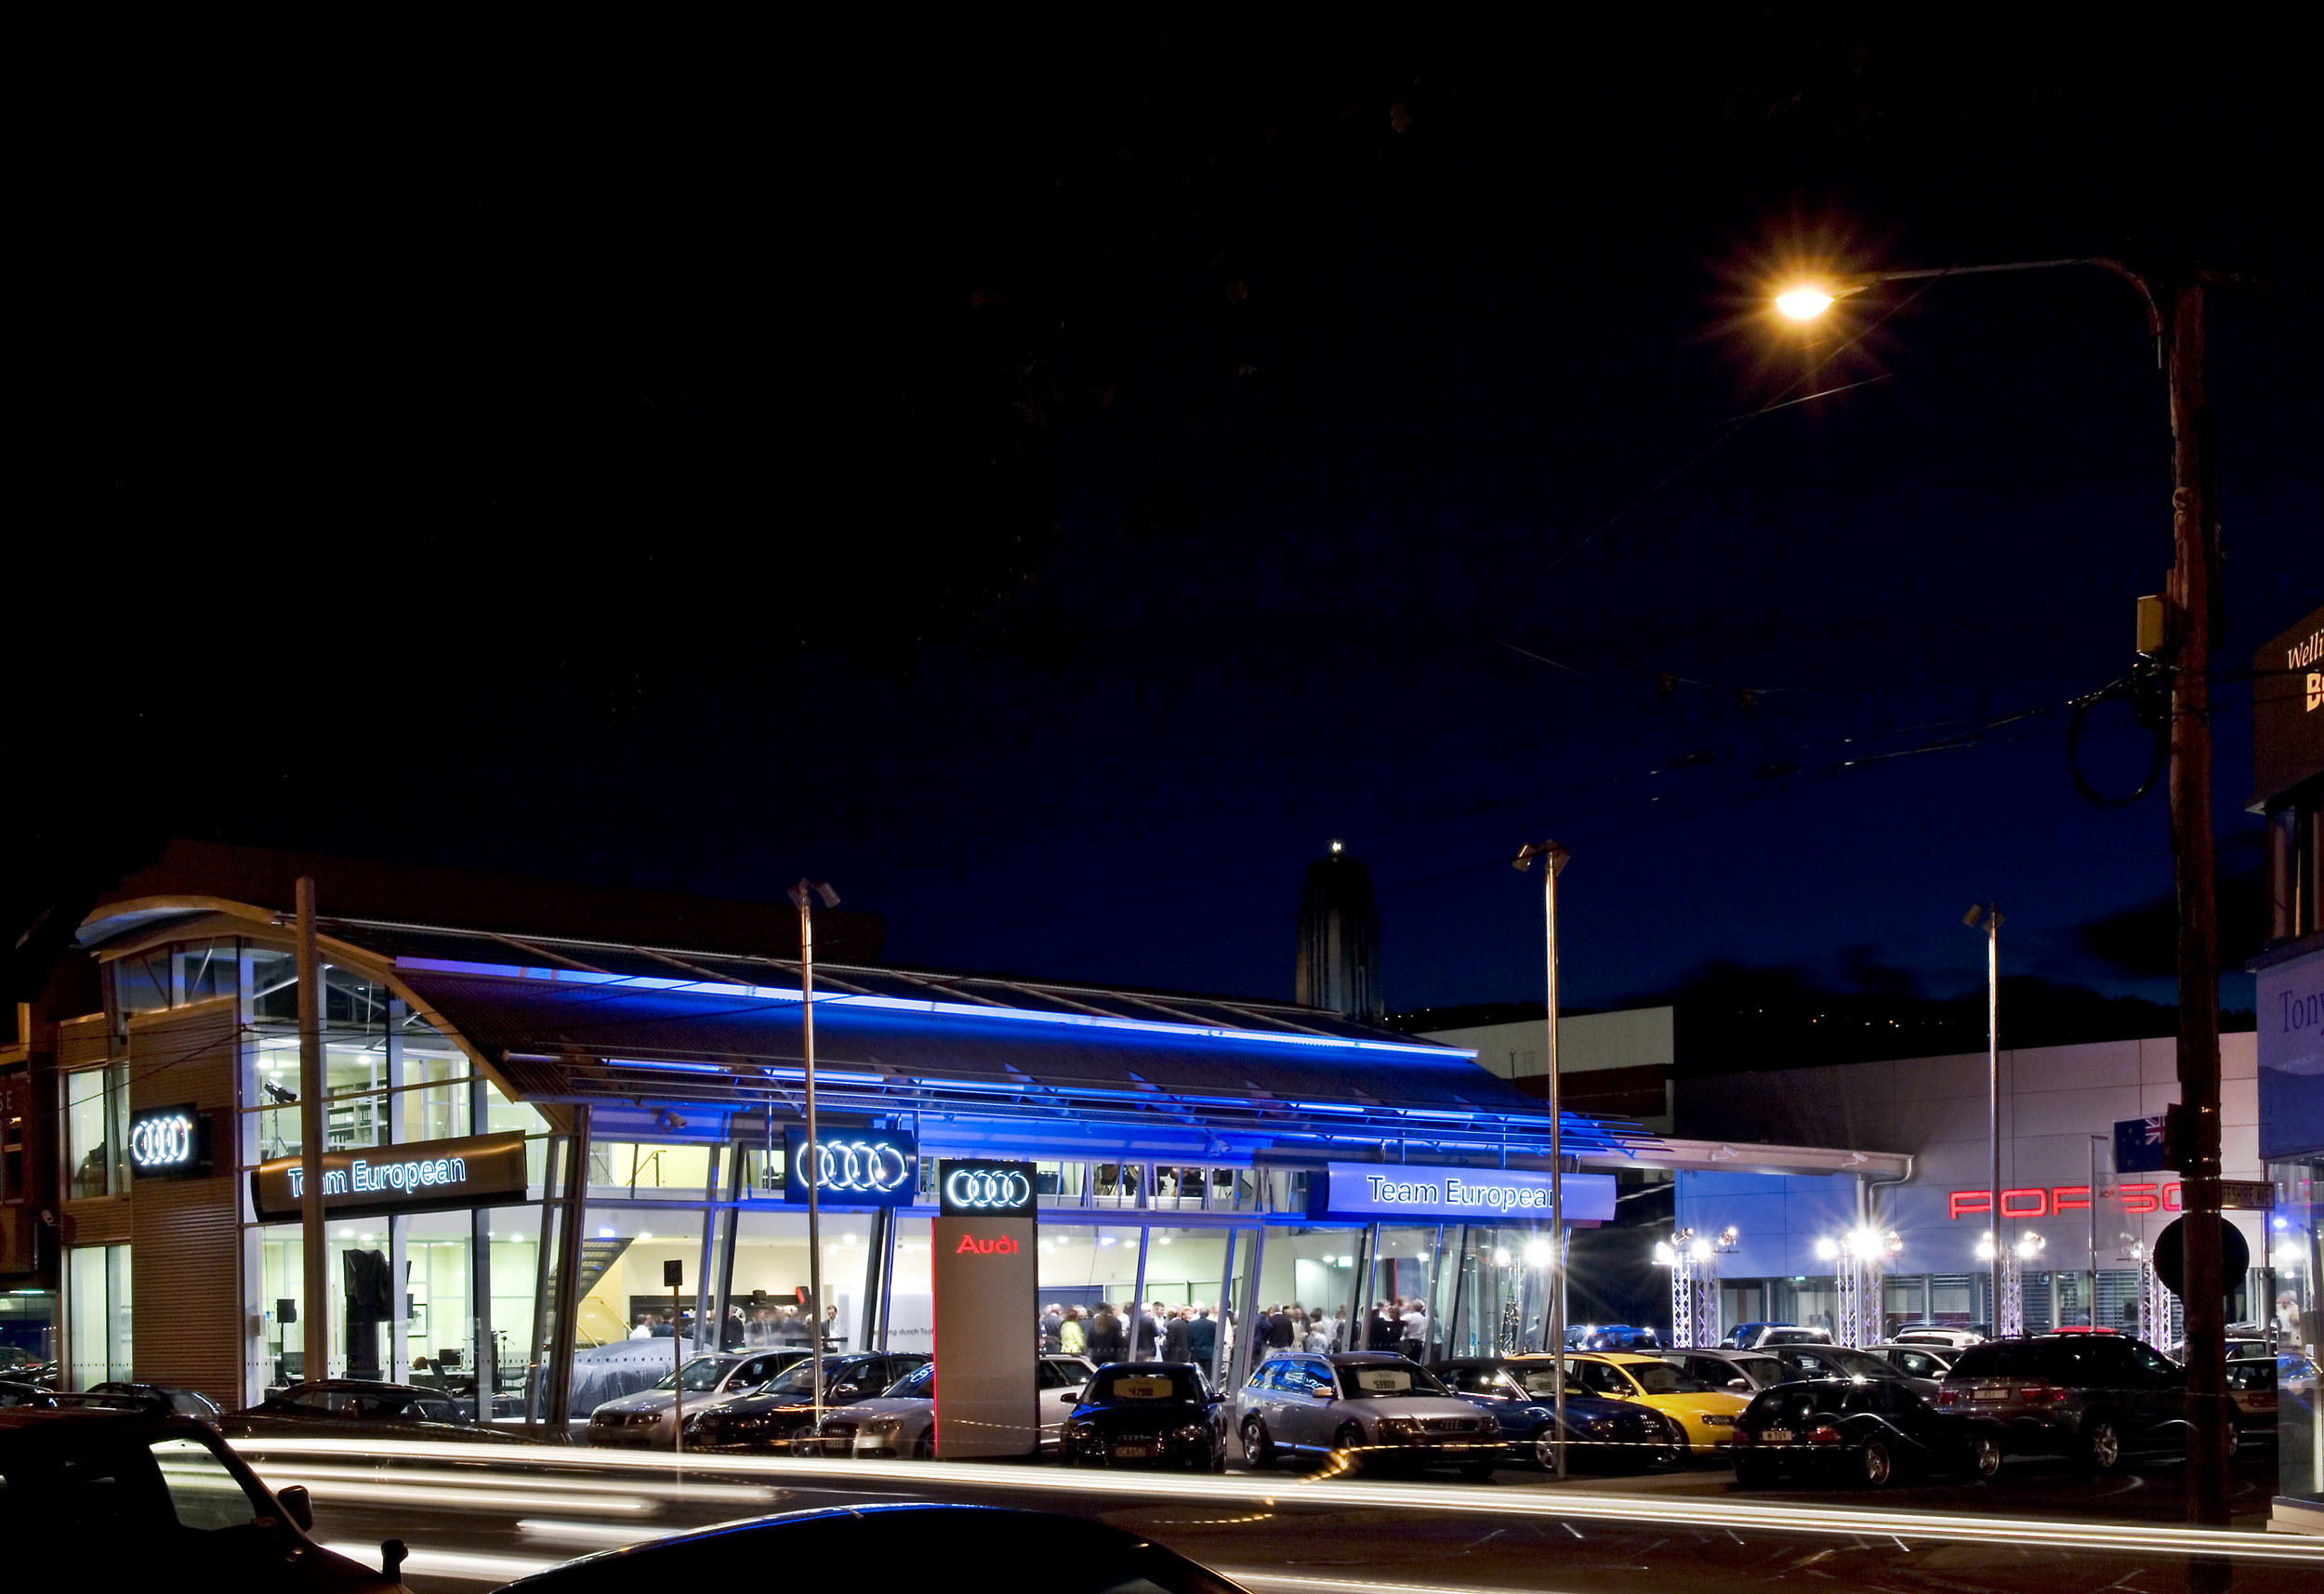 Armstrong Prestige AUDI Hanger